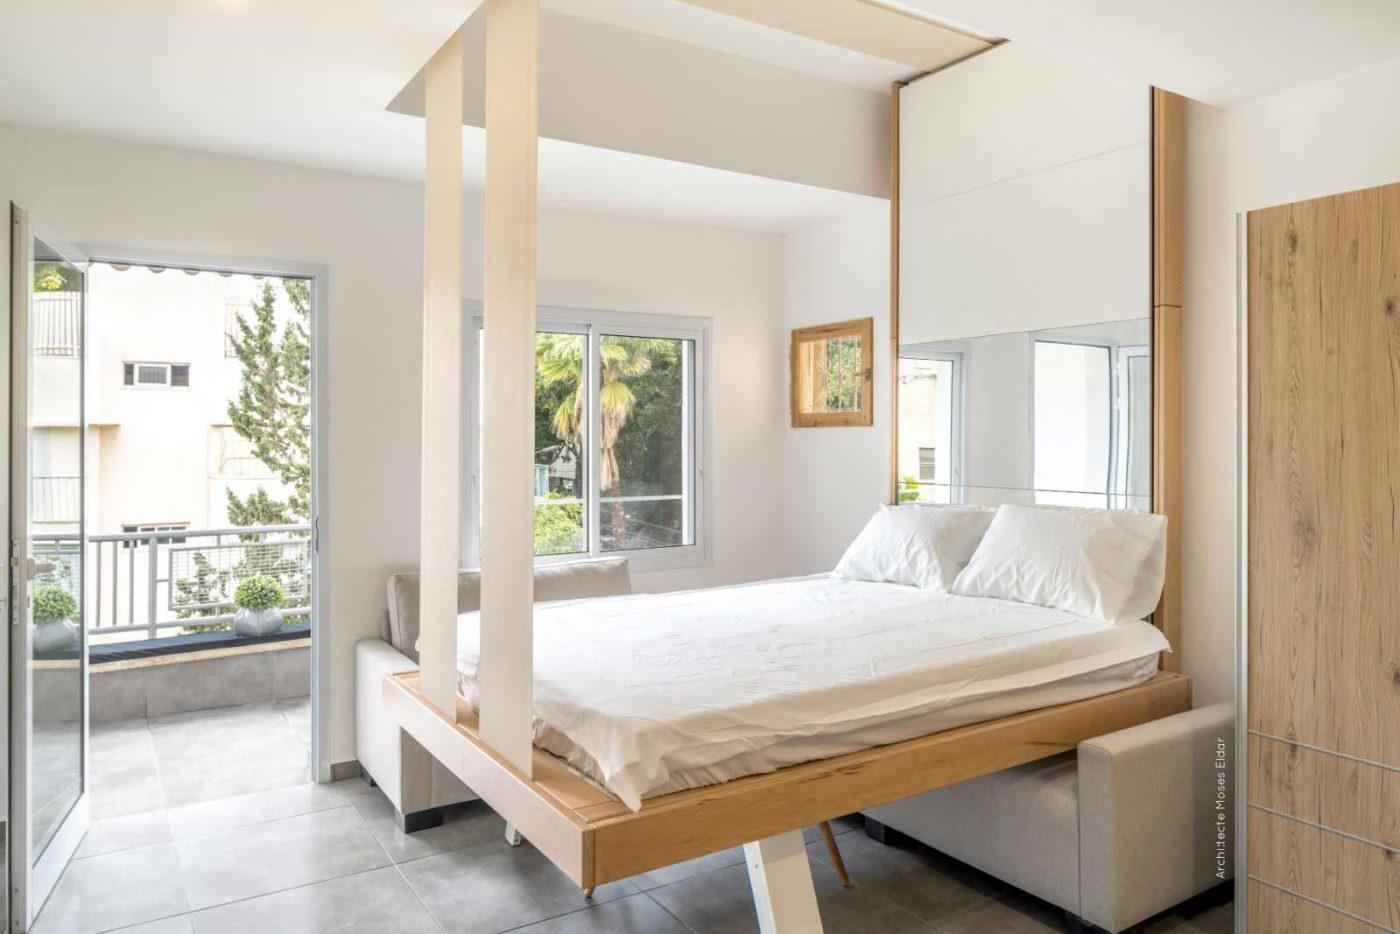 Le lit escamotable bedUp Cocoon grimpe et disparait au plafond.